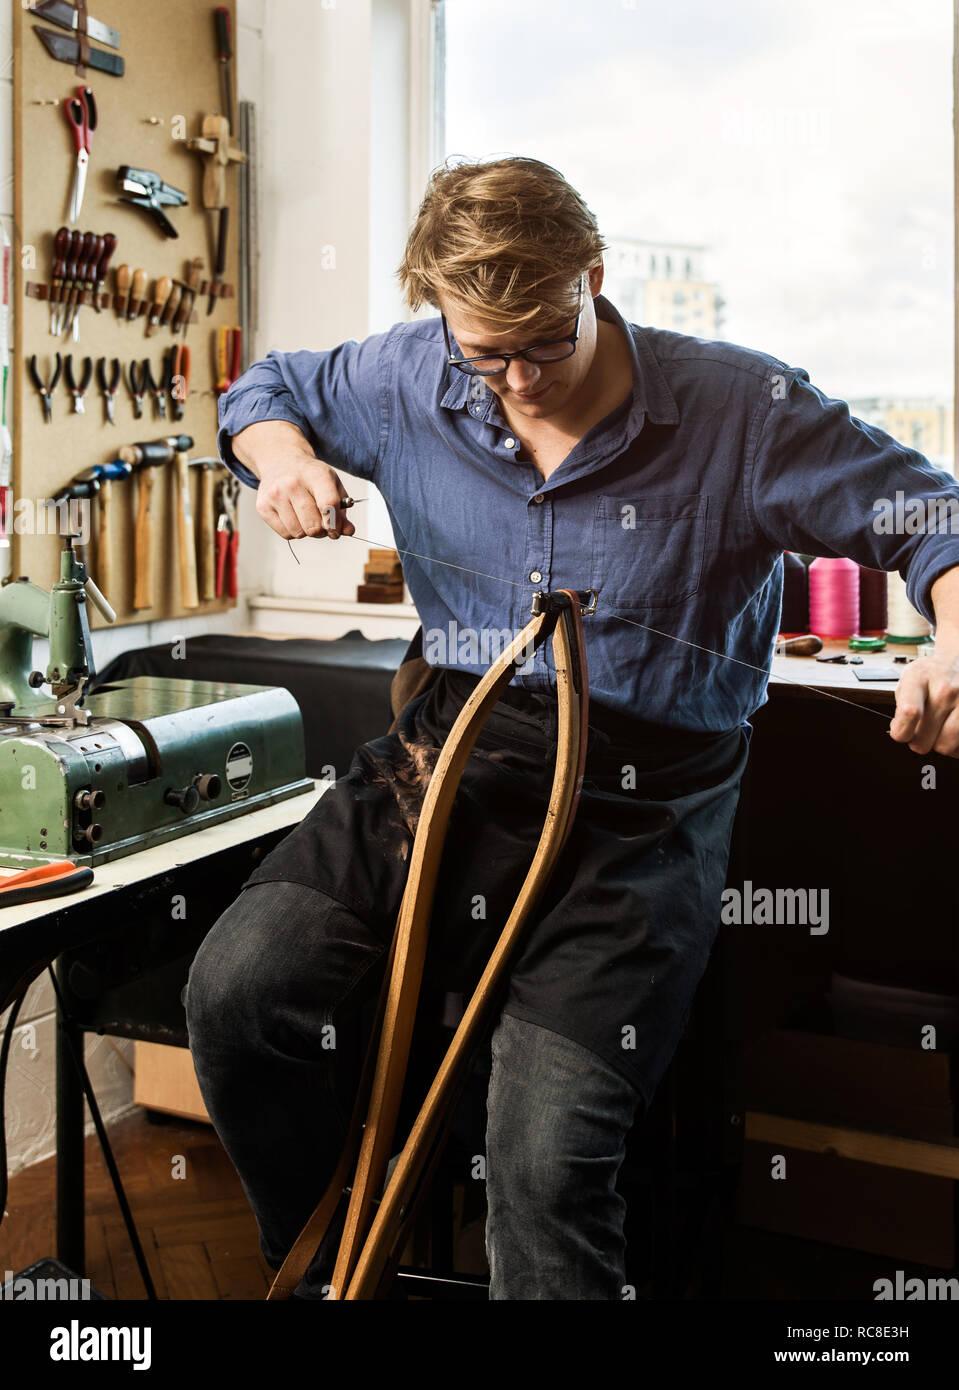 Leatherworker cucitura di borsette in pelle cinghie in officina Foto Stock